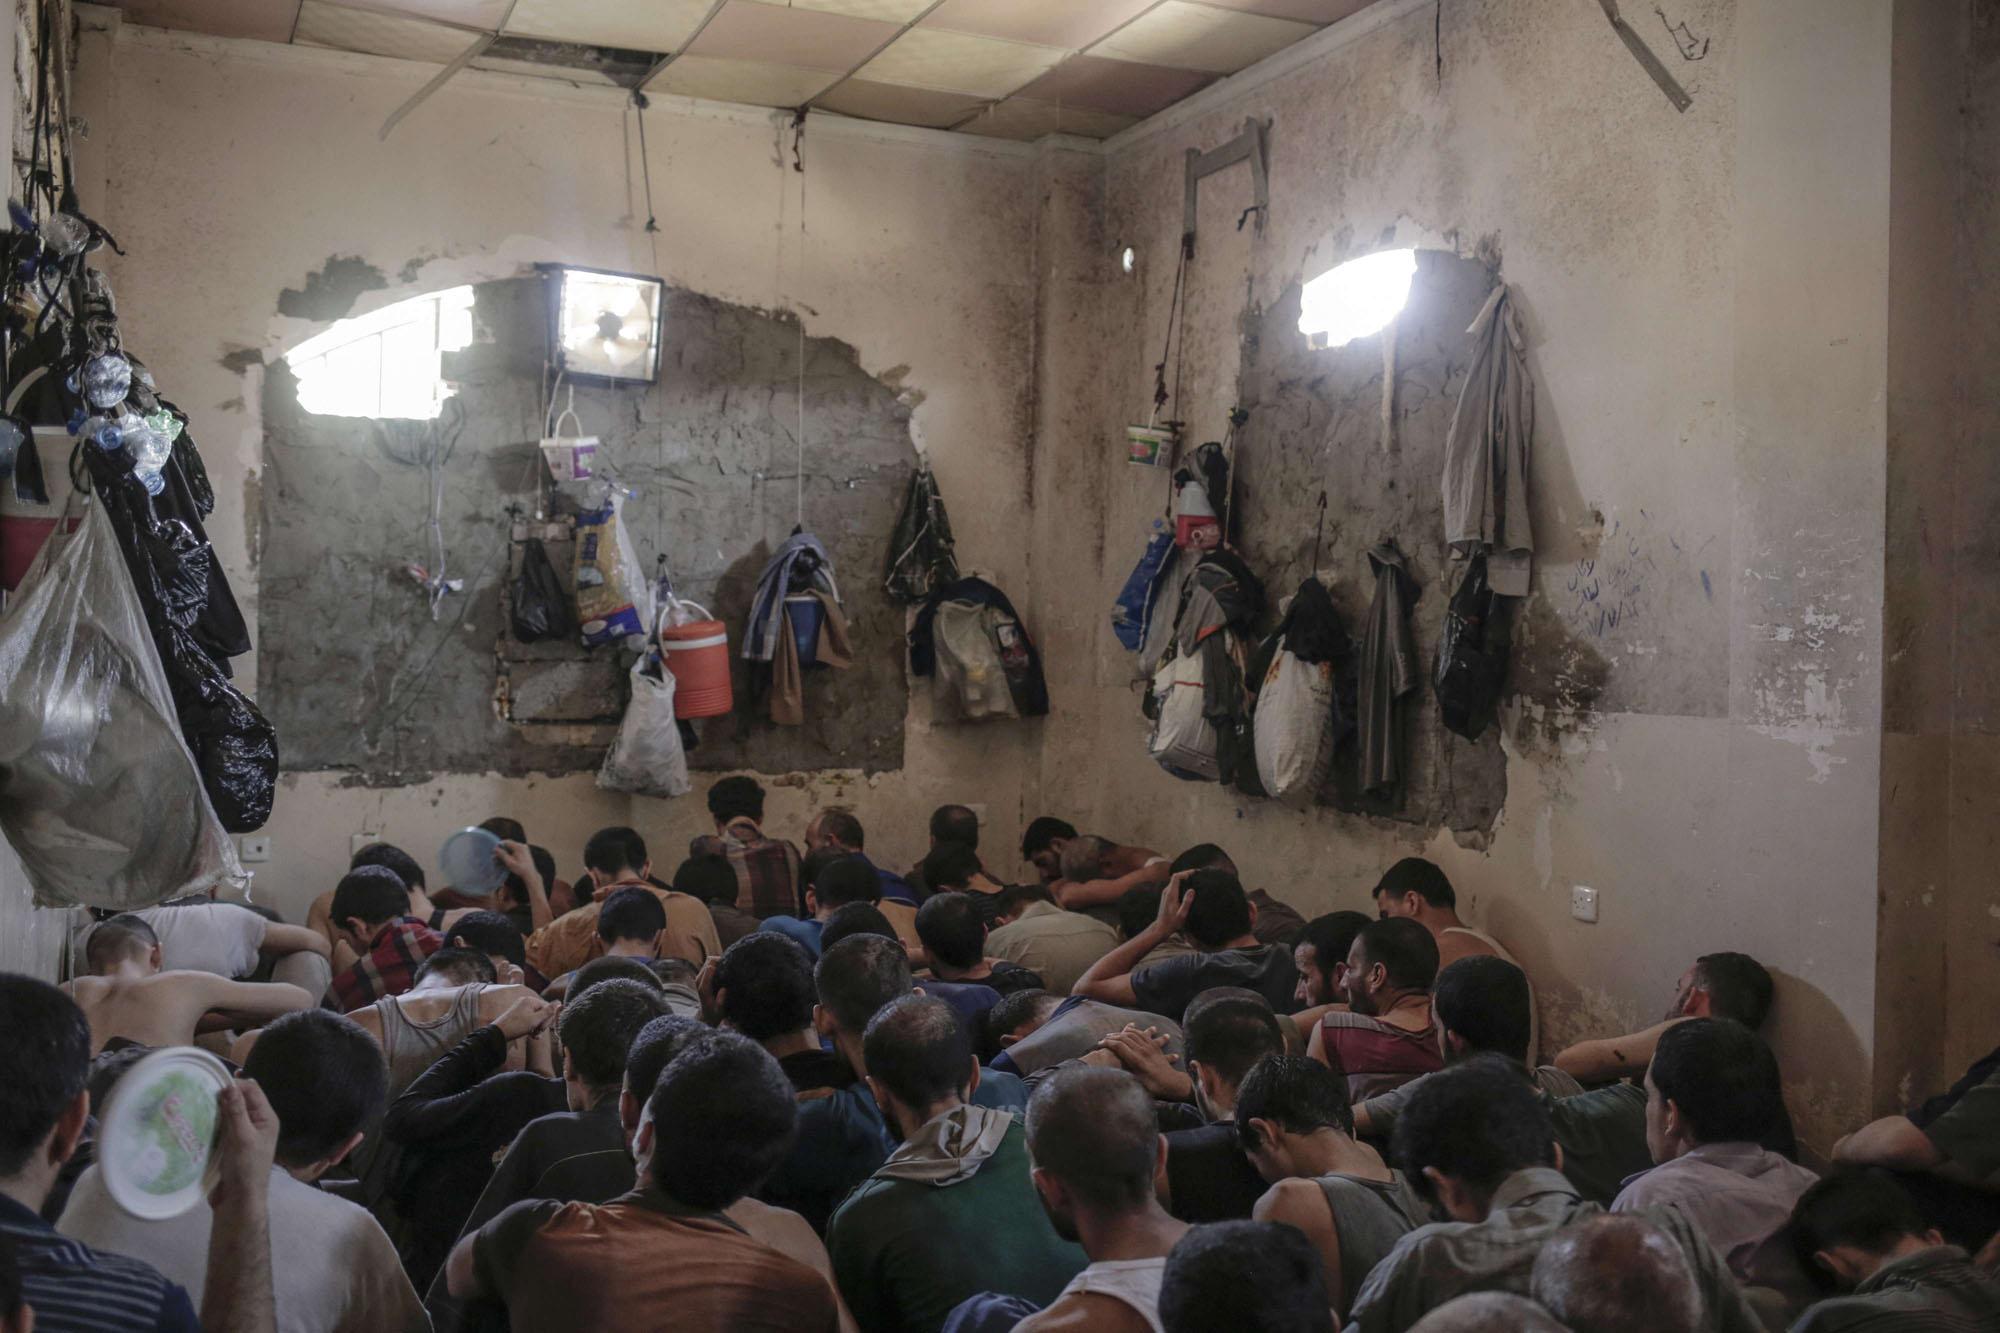 طقوس رمضانية في سجن تدمر